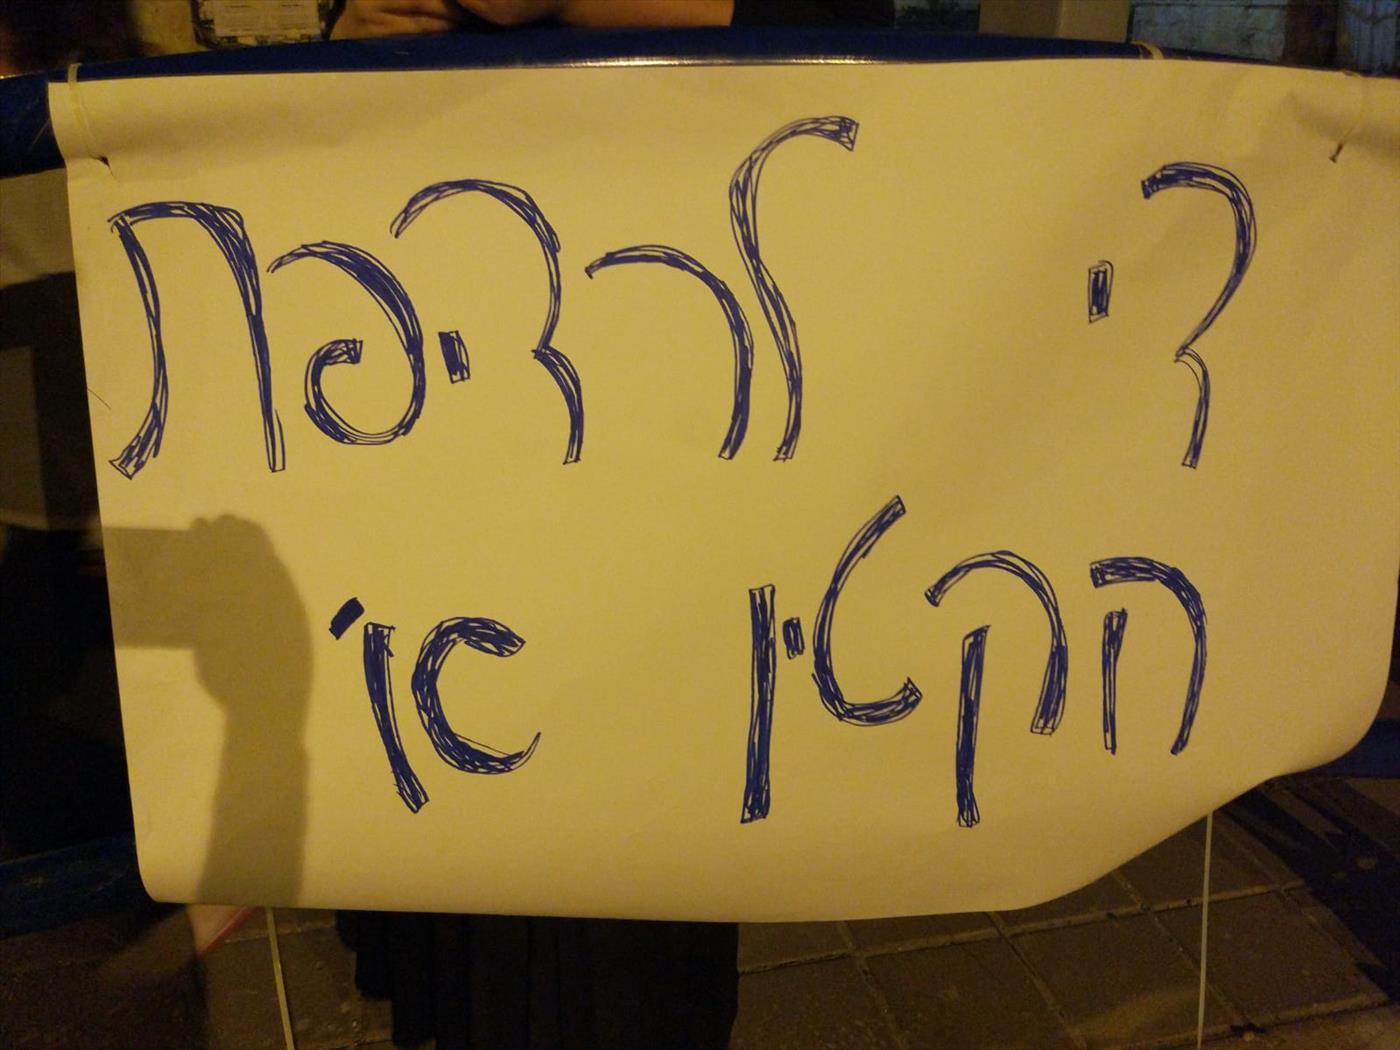 שלט בהפגנה (באדיבות המצלם)